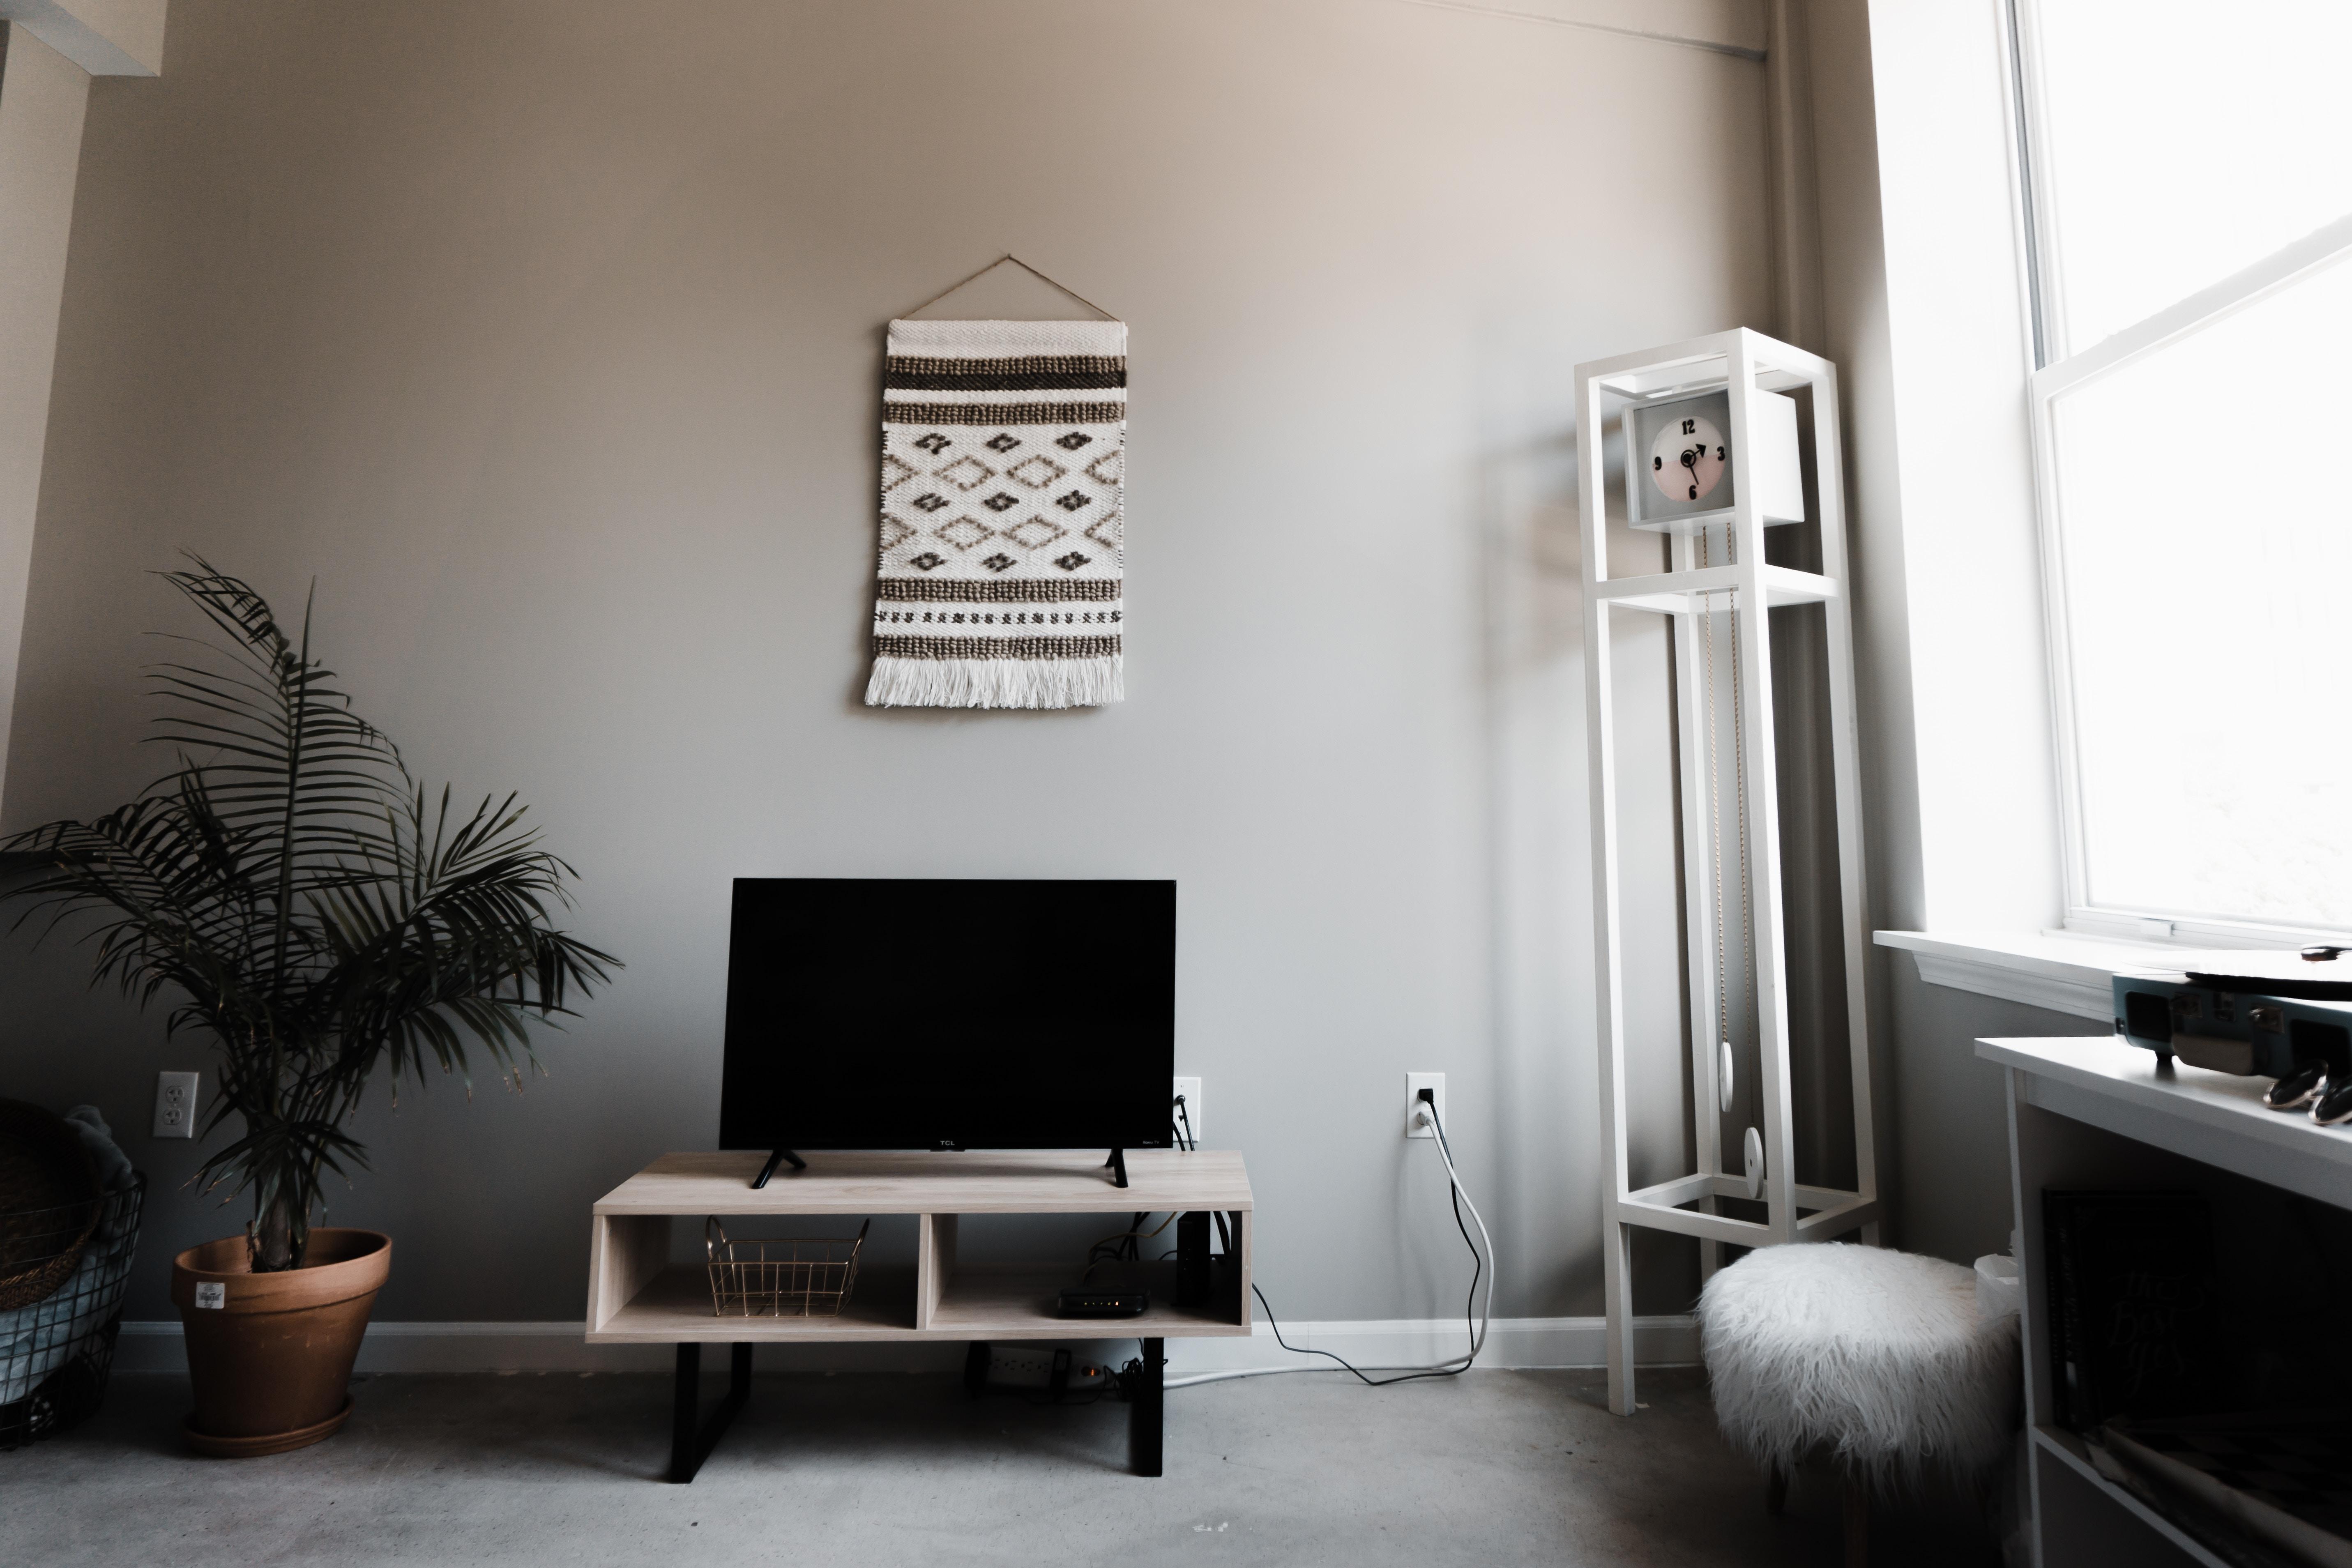 Deco Chambre Ton Taupe peinture grise : comment choisir la bonne nuance de gris